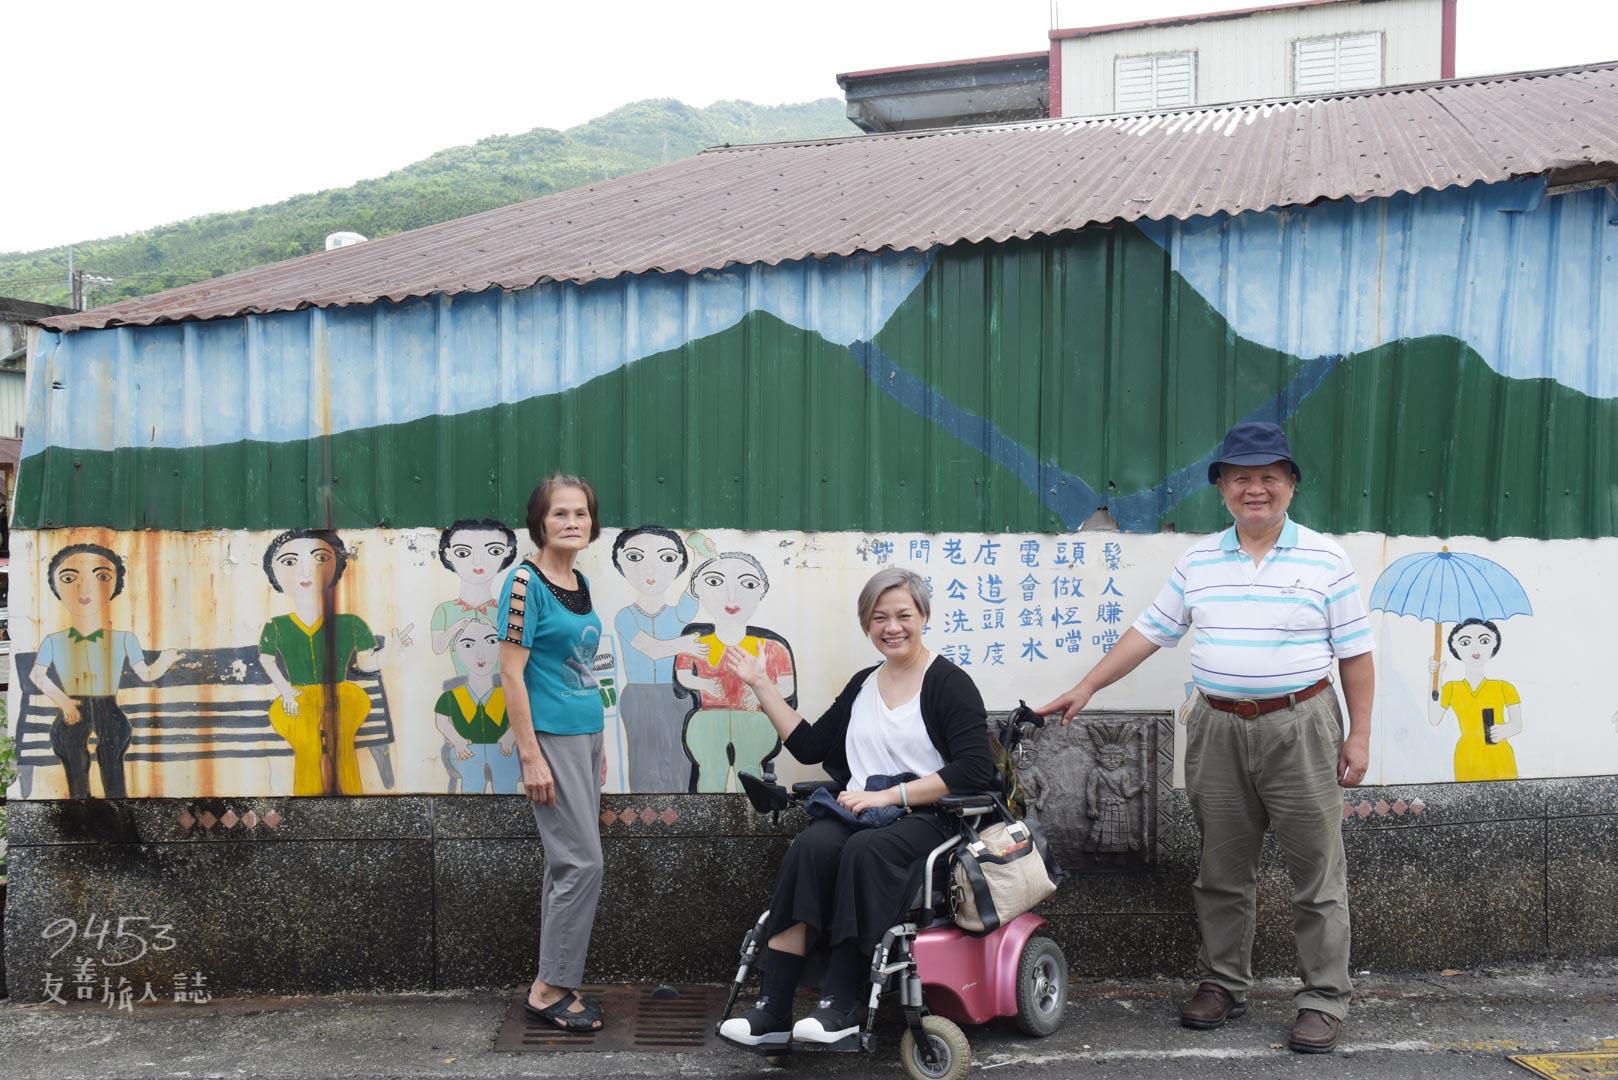 可愛的彩繪牆